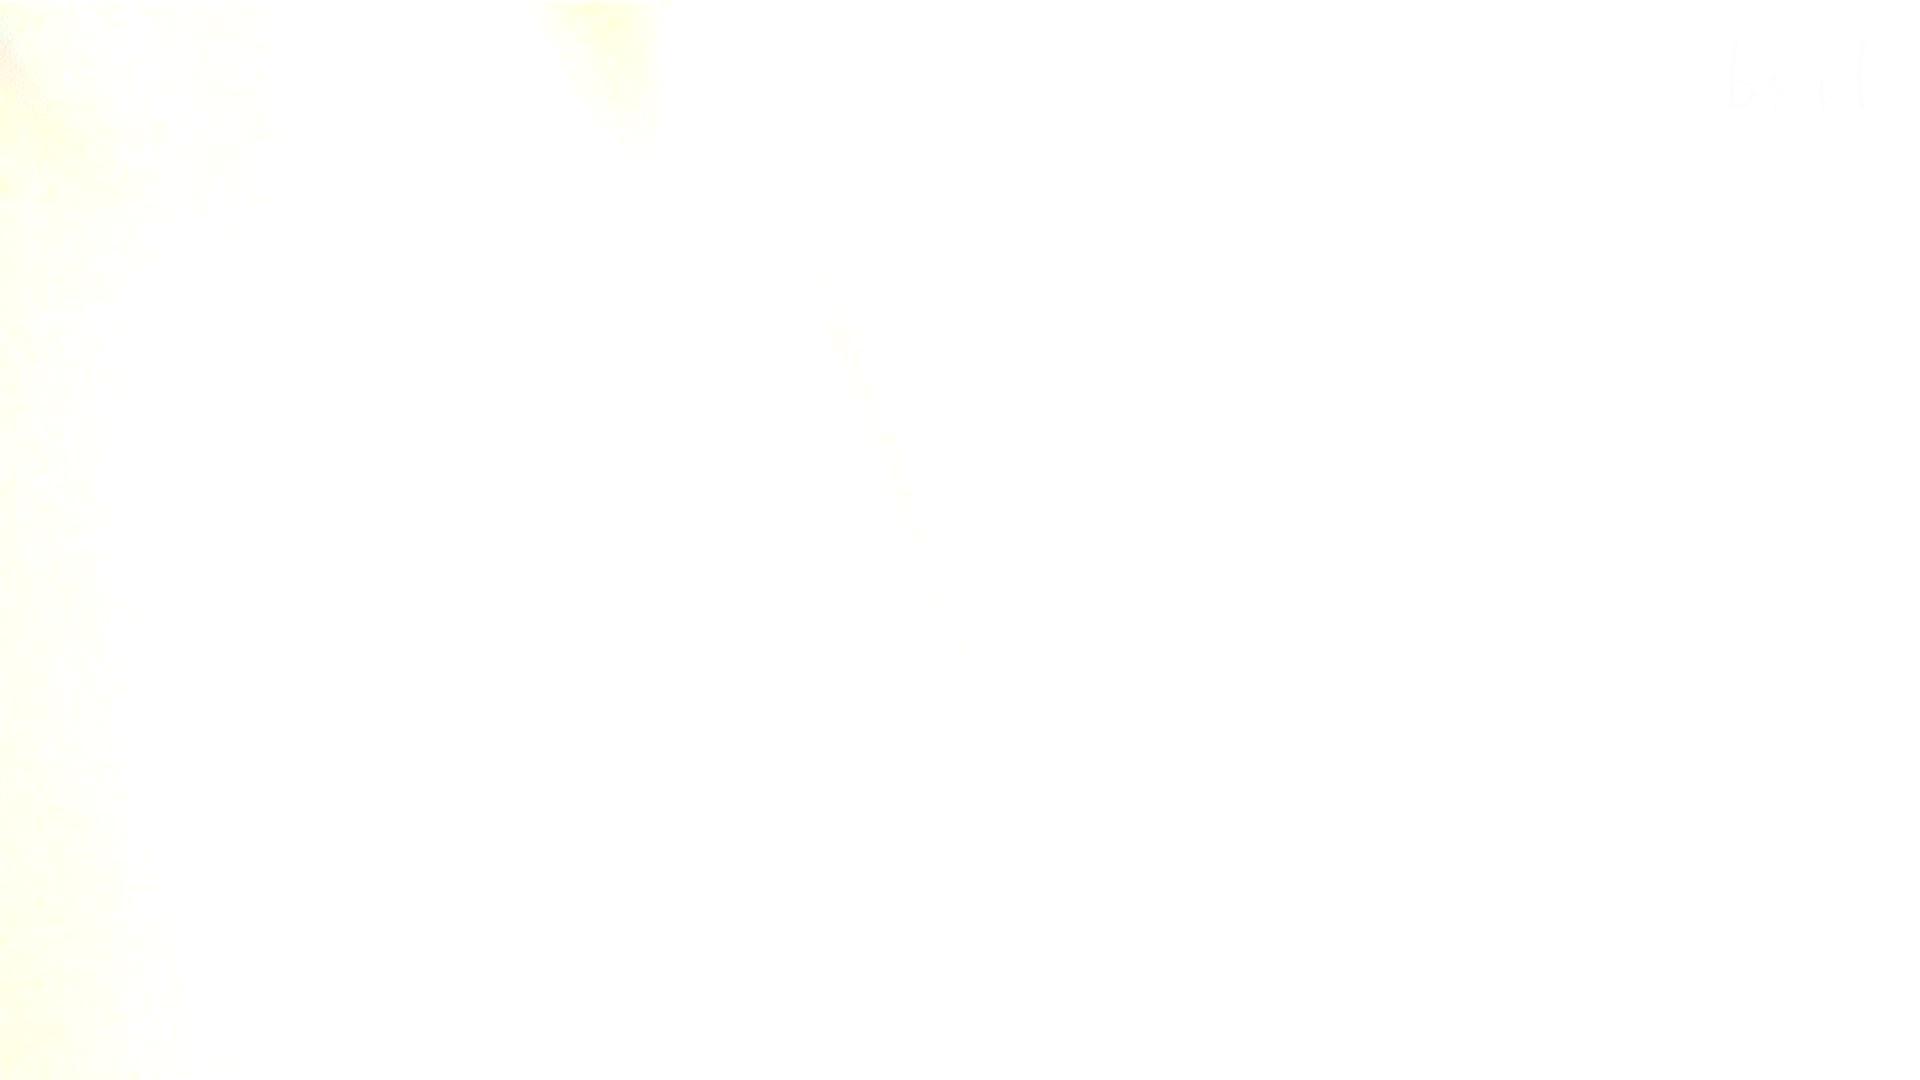 ナースのお小水 vol.001 ギャルの下半身 | ナースのエロ生活  93連発 10